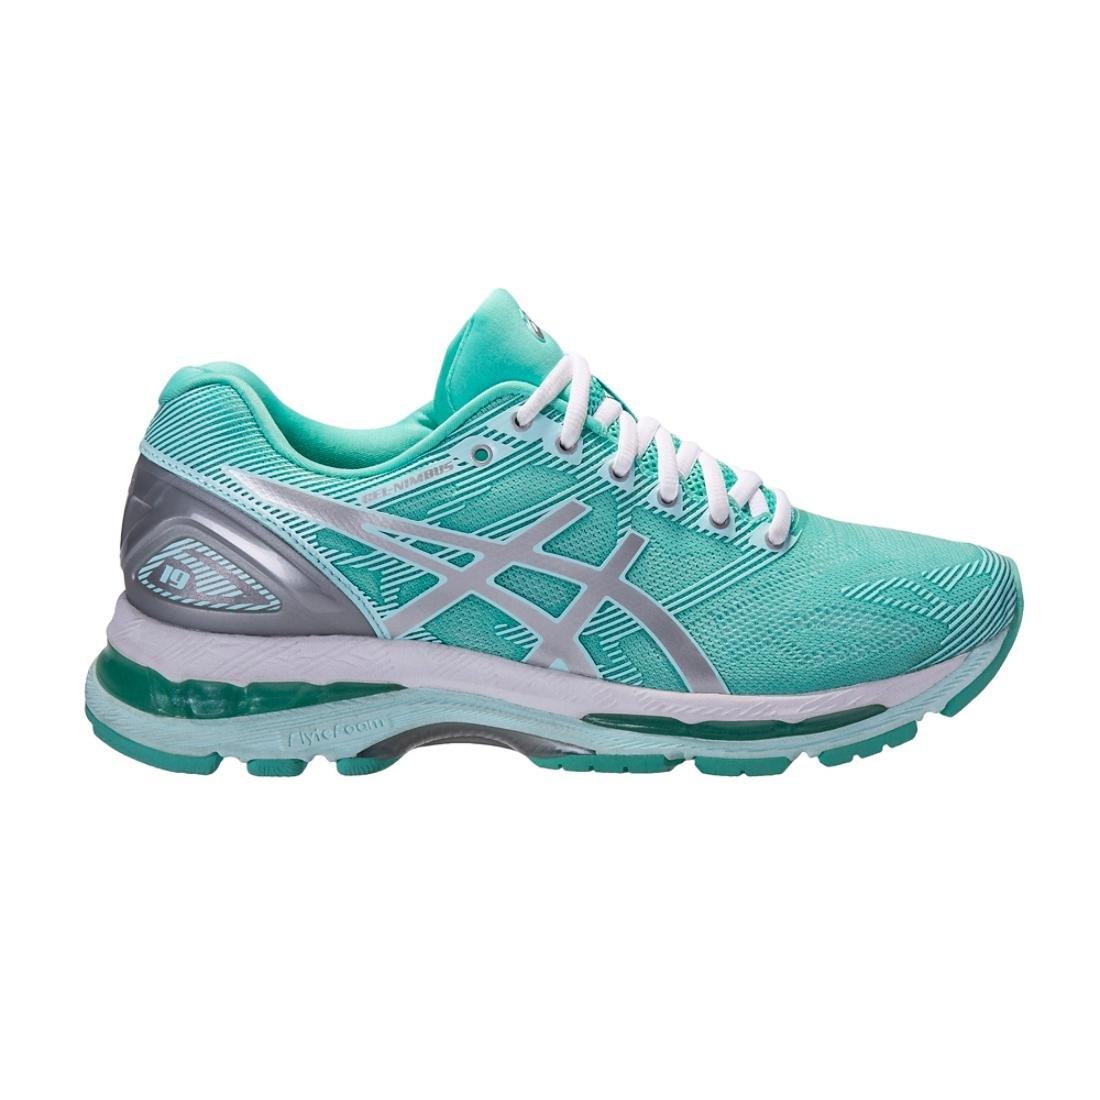 ASICS Women's Gel-Nimbus 19 Running Shoe B077F18JTF 9.5 B(M) US|Mint/Silver/Blue